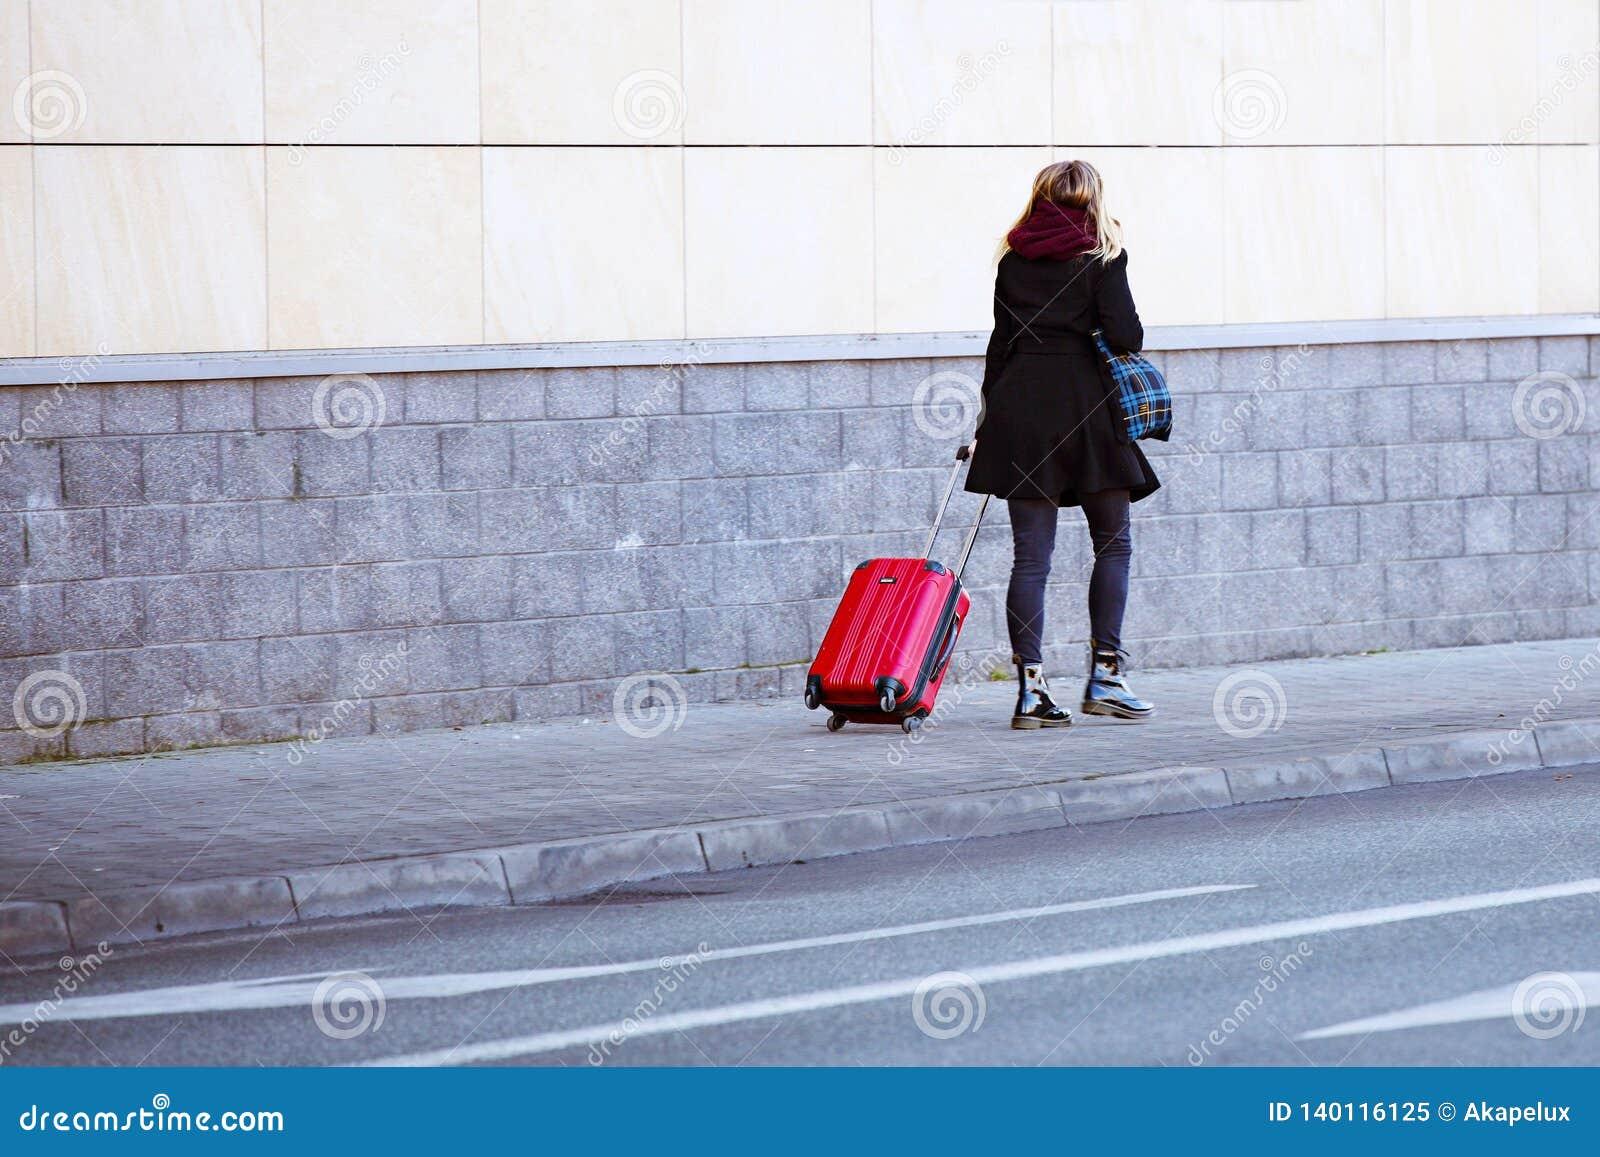 La fille marche sur le trottoir avec un sac rouge de voyage sur des roues Jeune touriste de bagages dans une valise élégante mode